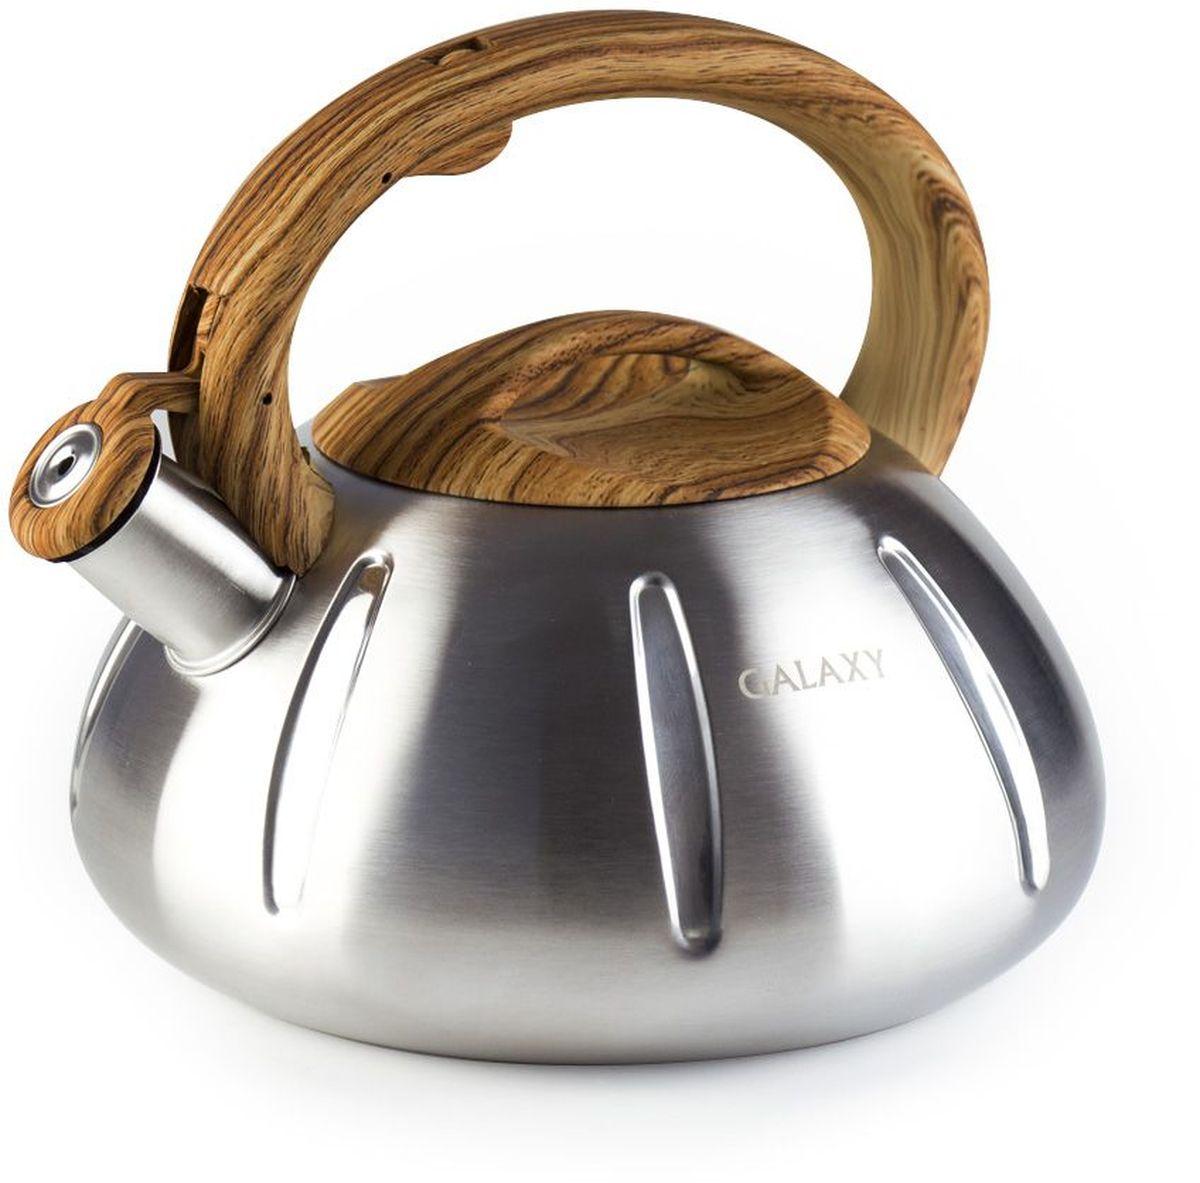 """Чайник """"Galaxy"""" выполнен из нержавеющей стали с матовой полировкой. Чайник оснащен эргономичной пластиковой ручкой с рисунком под дерево, которая выдерживает высокую температуру и не нагревается. Энергосберегающее дно будет поддерживать температуру, благодаря чему вода не остынет достаточно долго. Дополнительным устройством в конструкции чайника является свисток, который сообщит о готовности воды.  Благодаря серебристому стильному корпусу чайник смотрится эстетично на любой кухне.  Чайник подходит для всех типов плит, включая индукционные."""